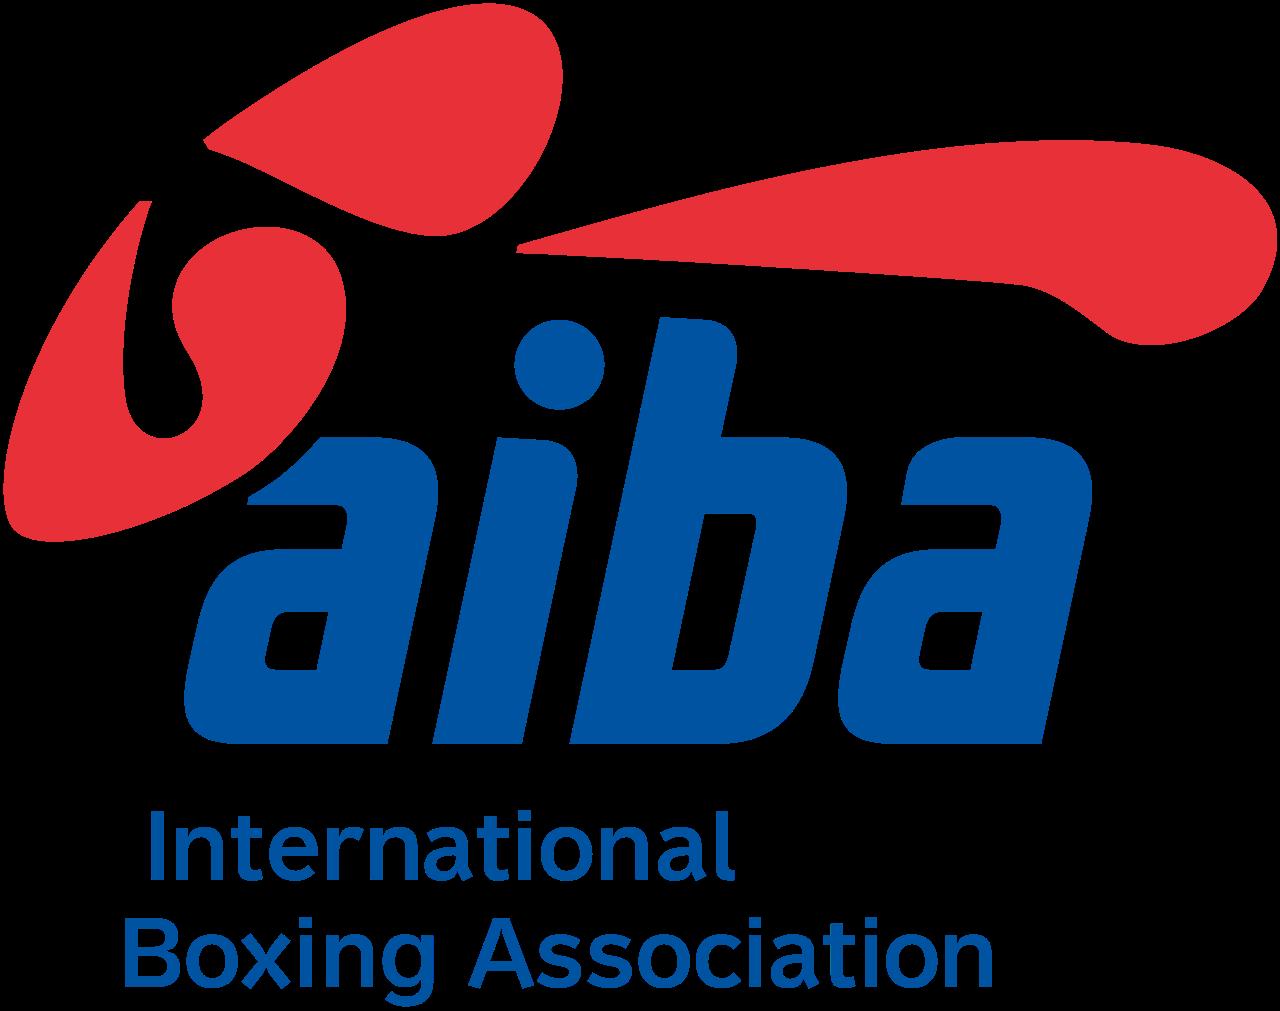 La AIBA expulsa a árbitros que tomaron malas decisiones en Rio-2016